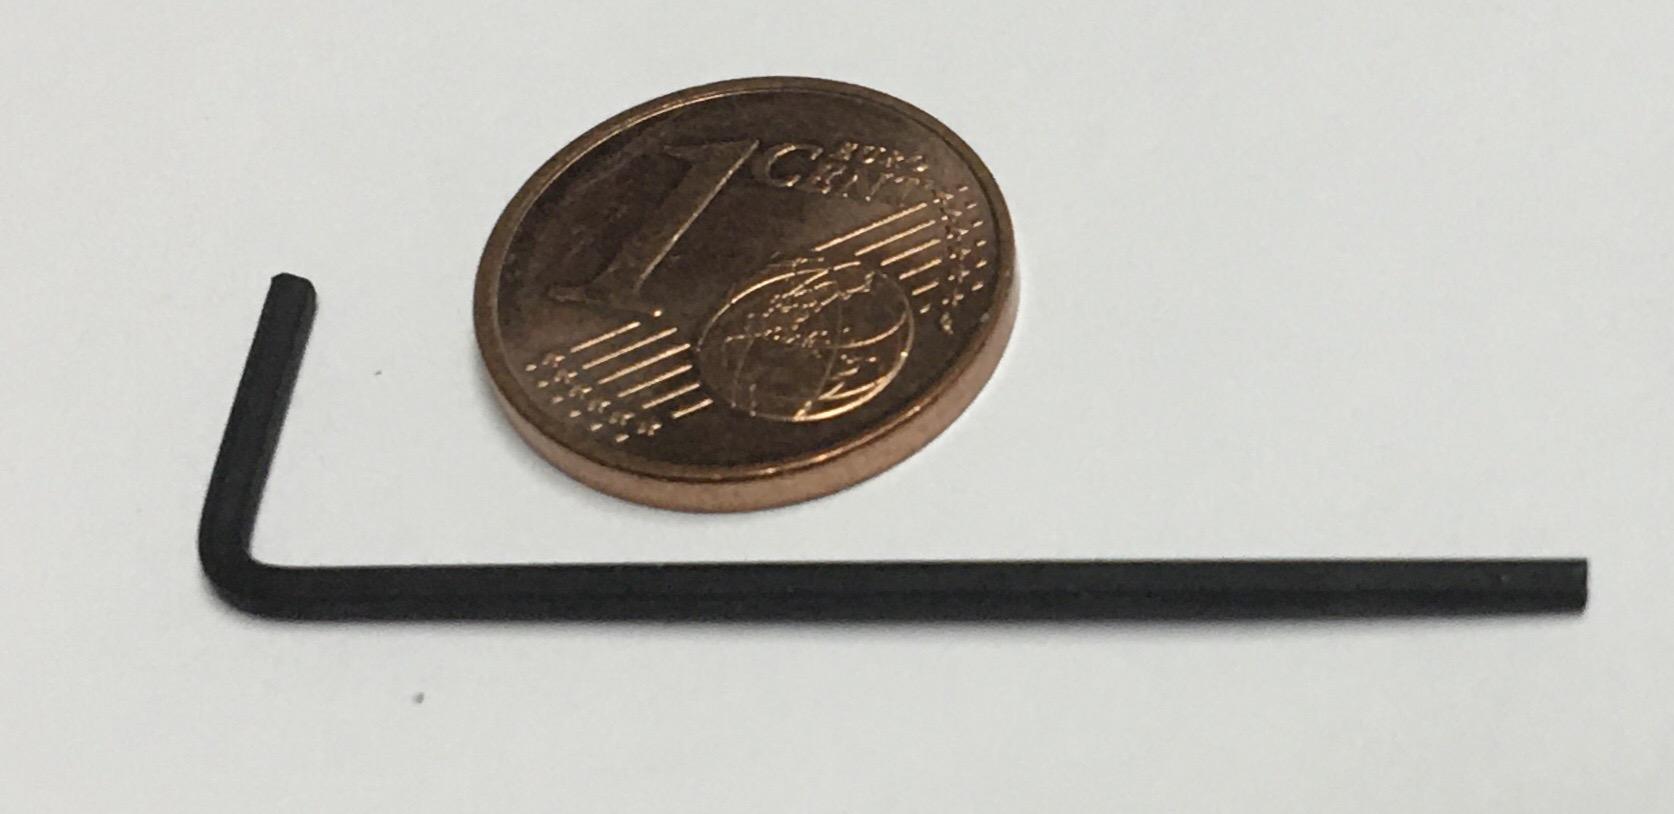 Größenvergleich zu einer Münze